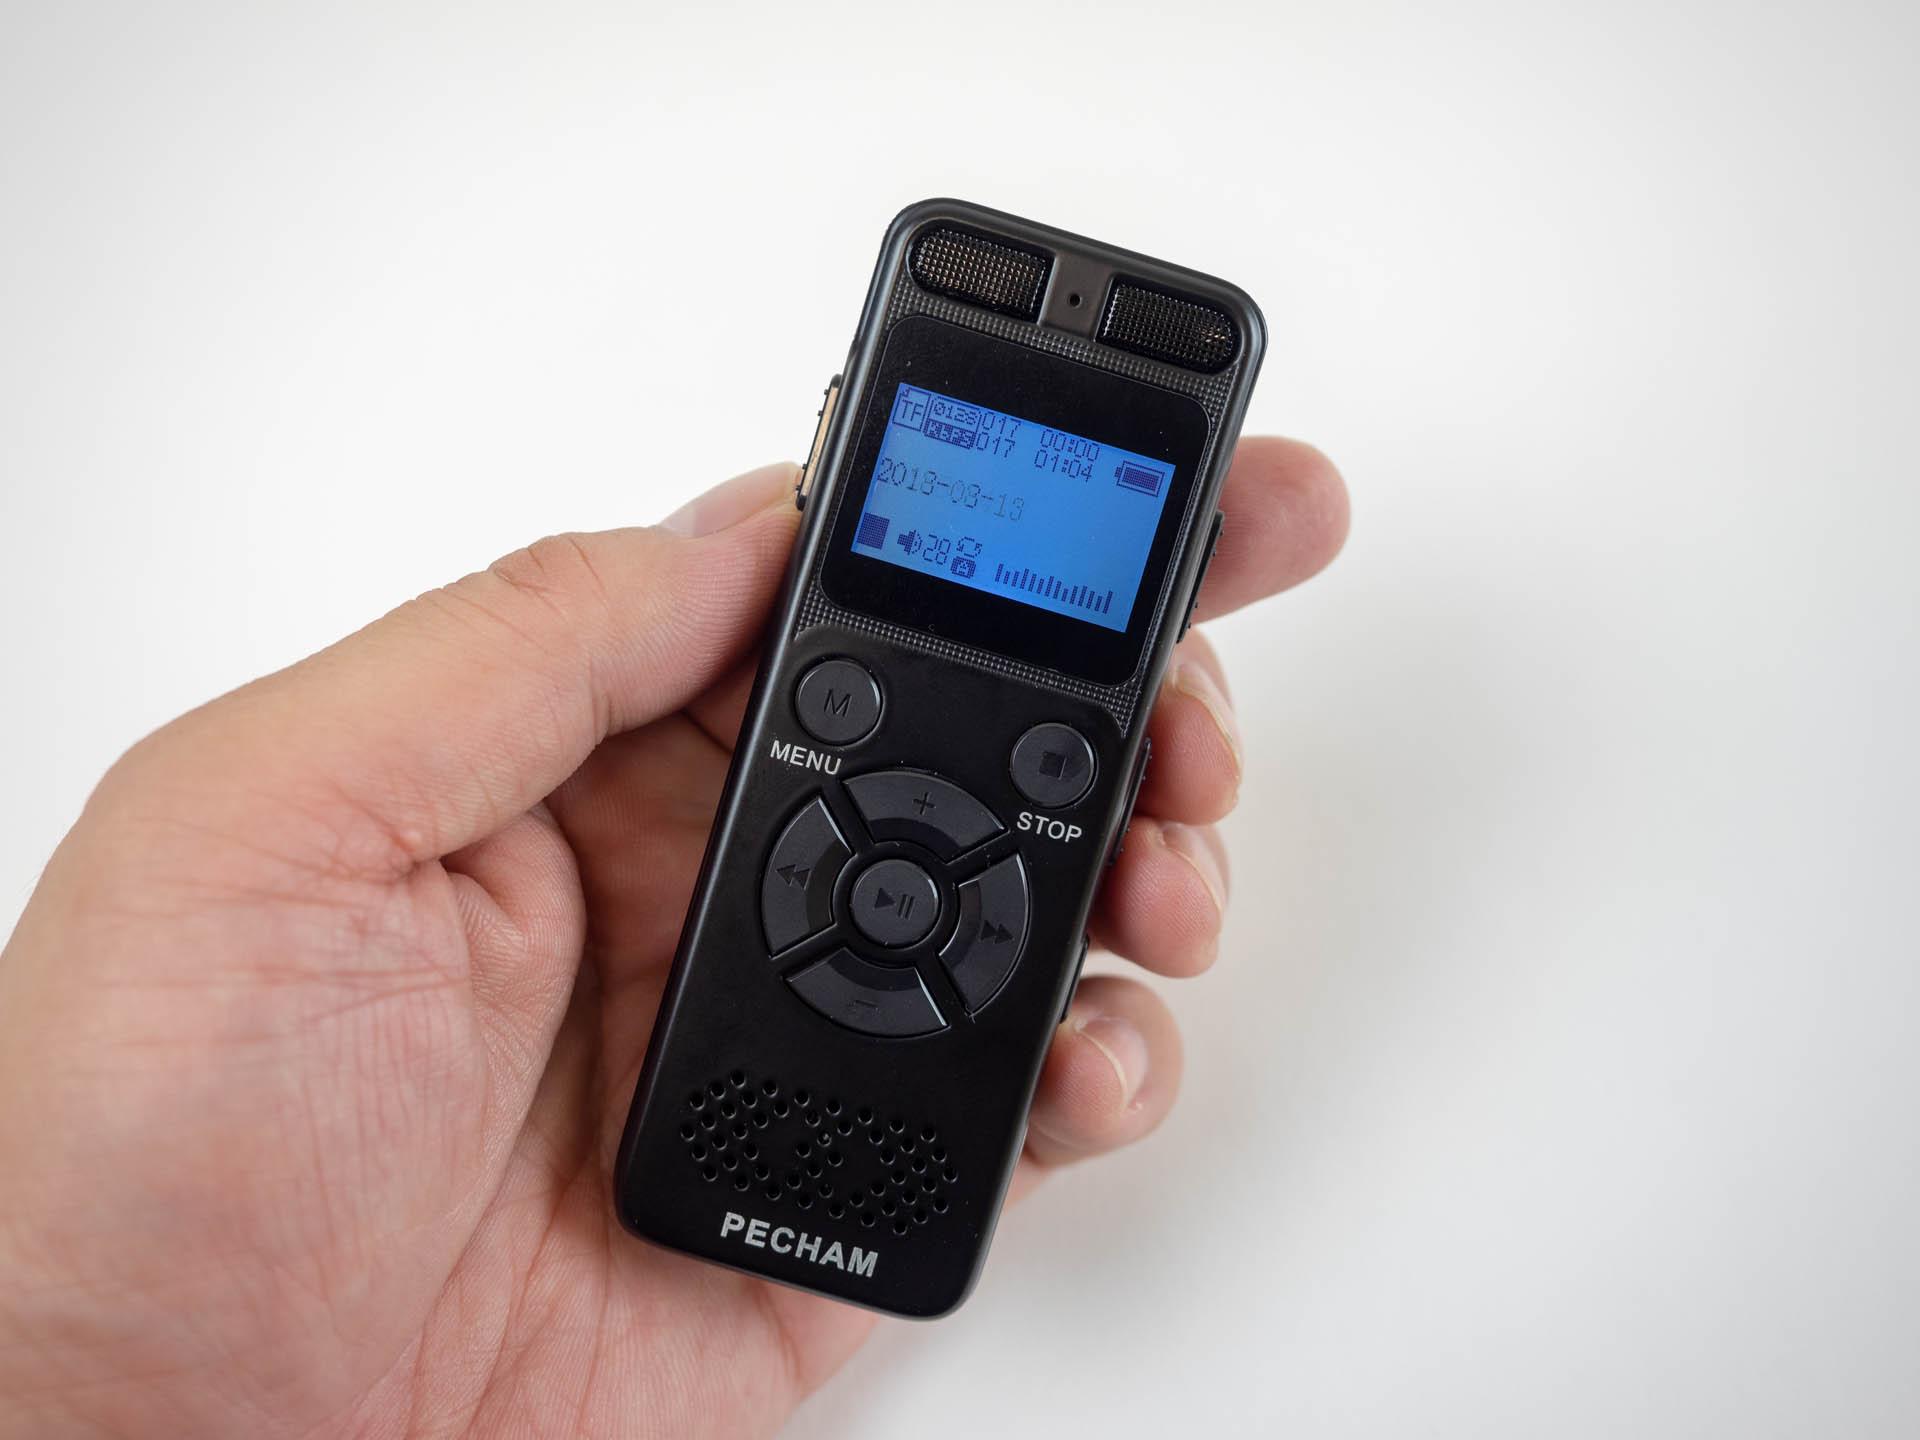 3000円台の激安中華ボイスレコーダーを買ってみた:旅人目線のデジタル ...